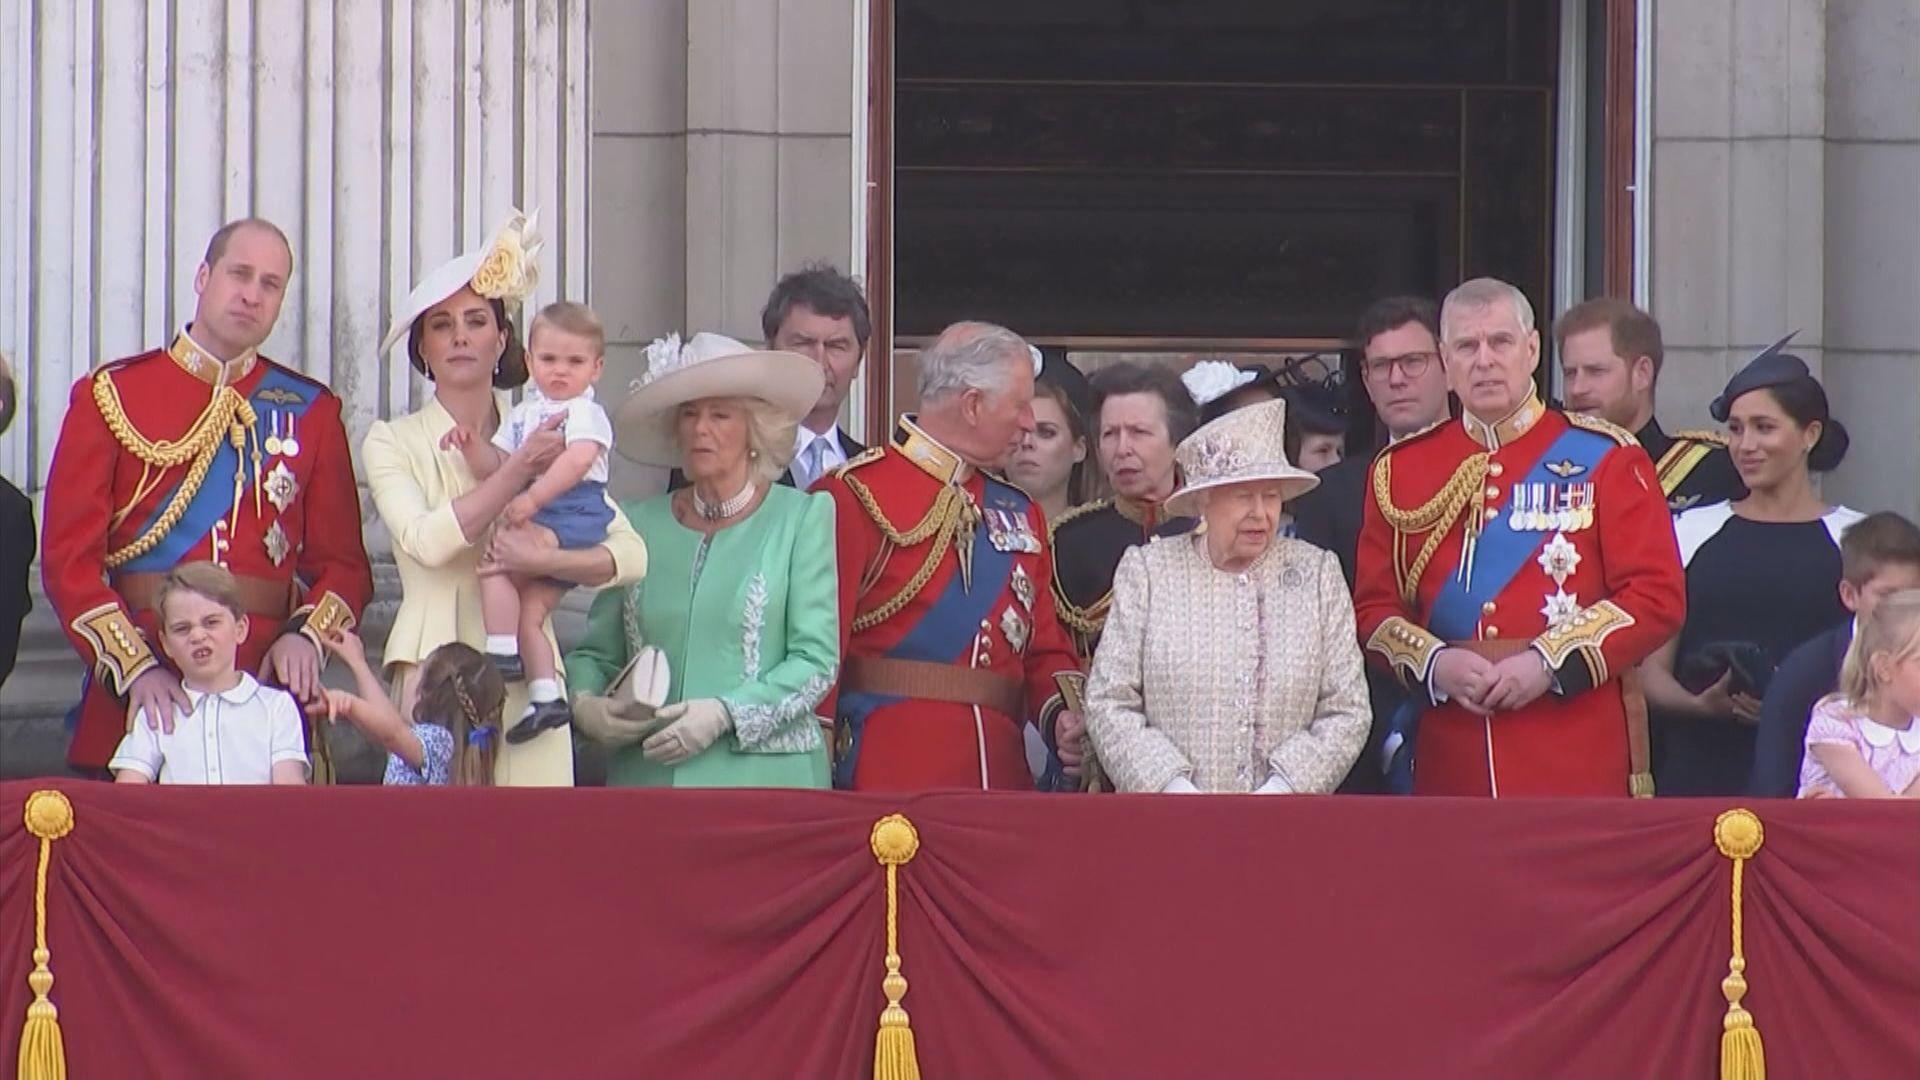 【環球薈報】著名作家認為英國王室或兩代之內消失